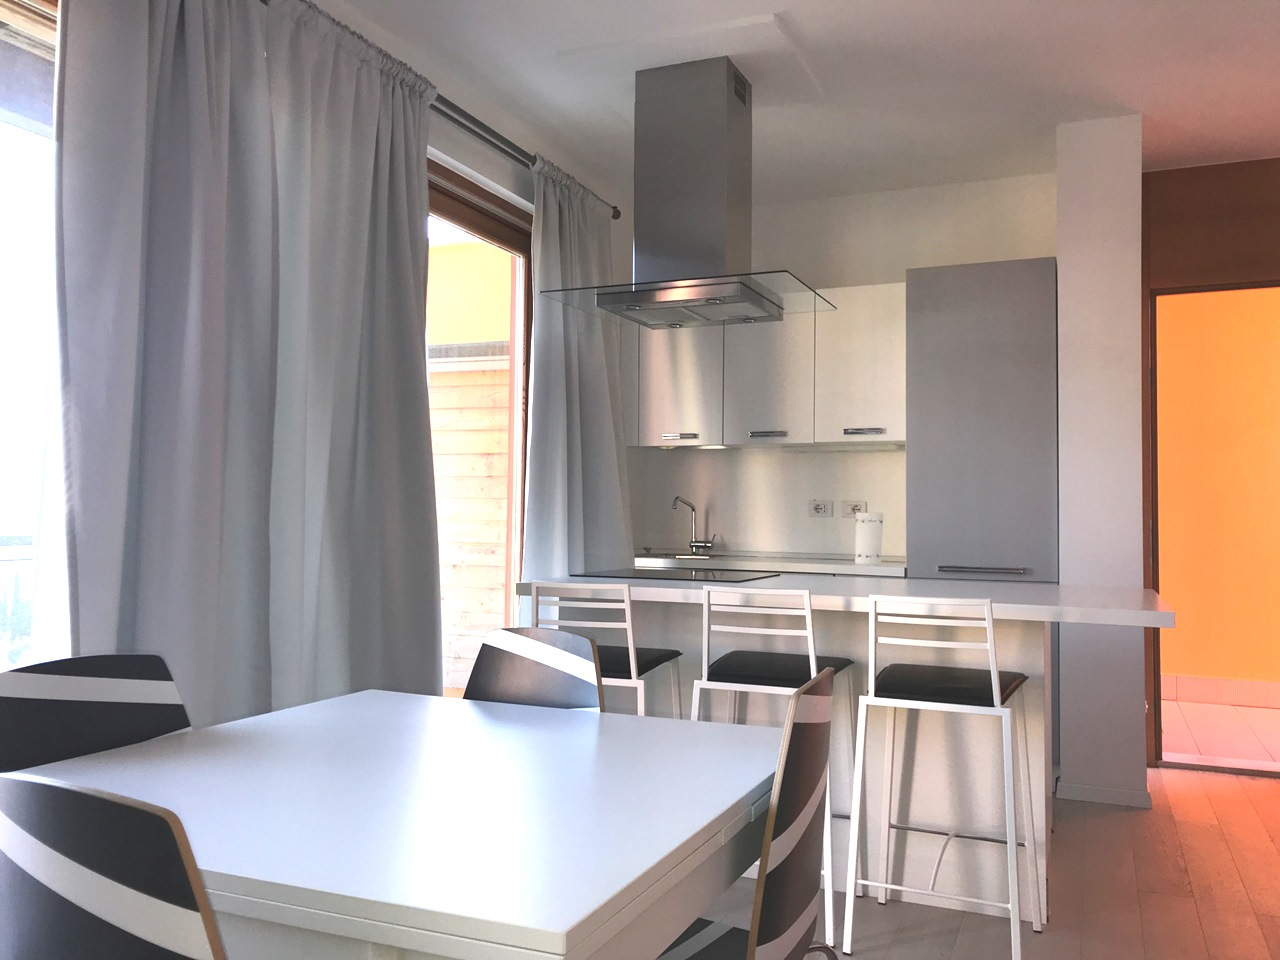 Appartamento in vendita a Toscolano-Maderno, 3 locali, prezzo € 330.000 | PortaleAgenzieImmobiliari.it